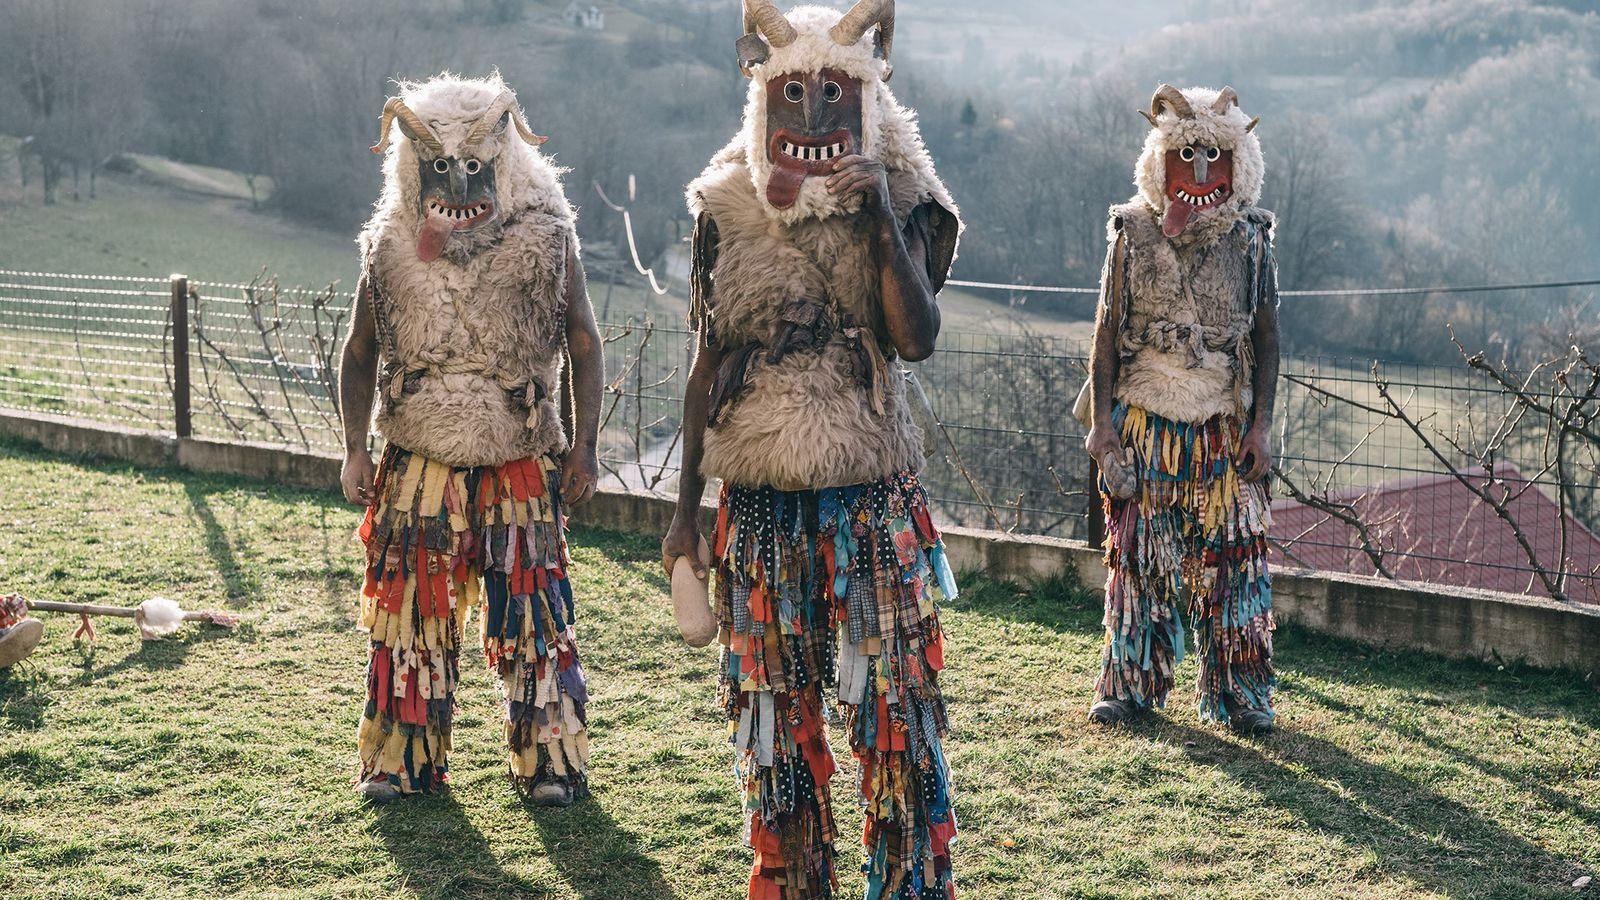 Les Slovènes célèbrent l'arrivée du printemps en devenant des « monstres » à l'occasion du Pustni ...